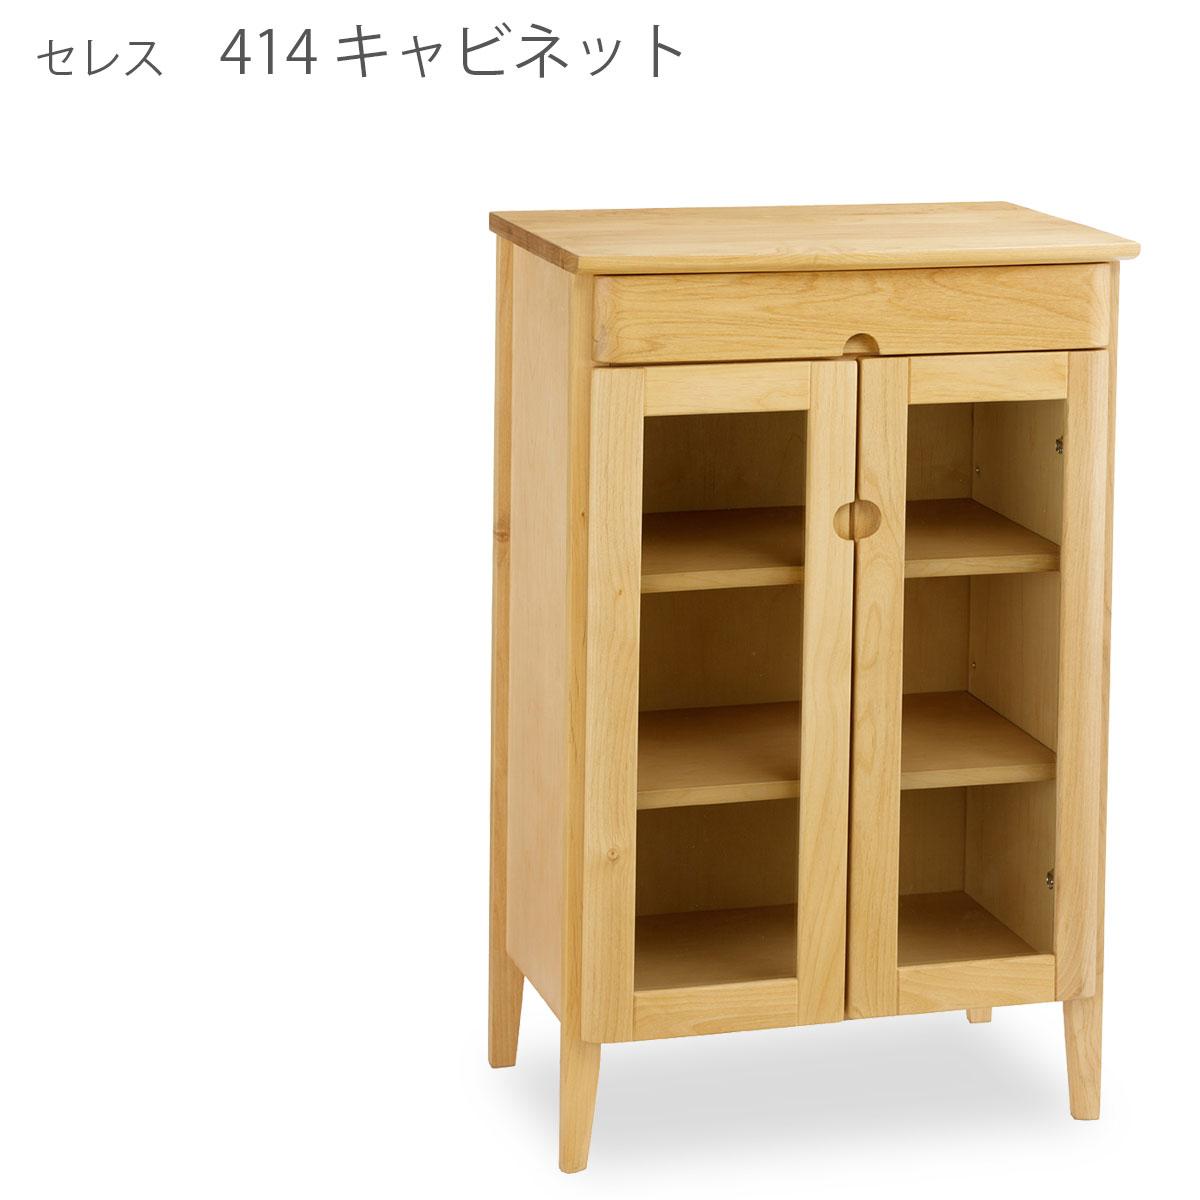 曙工芸製作所 セレスシリーズ キャビネット 幅54×高52cm!ナチュラル CERES-414